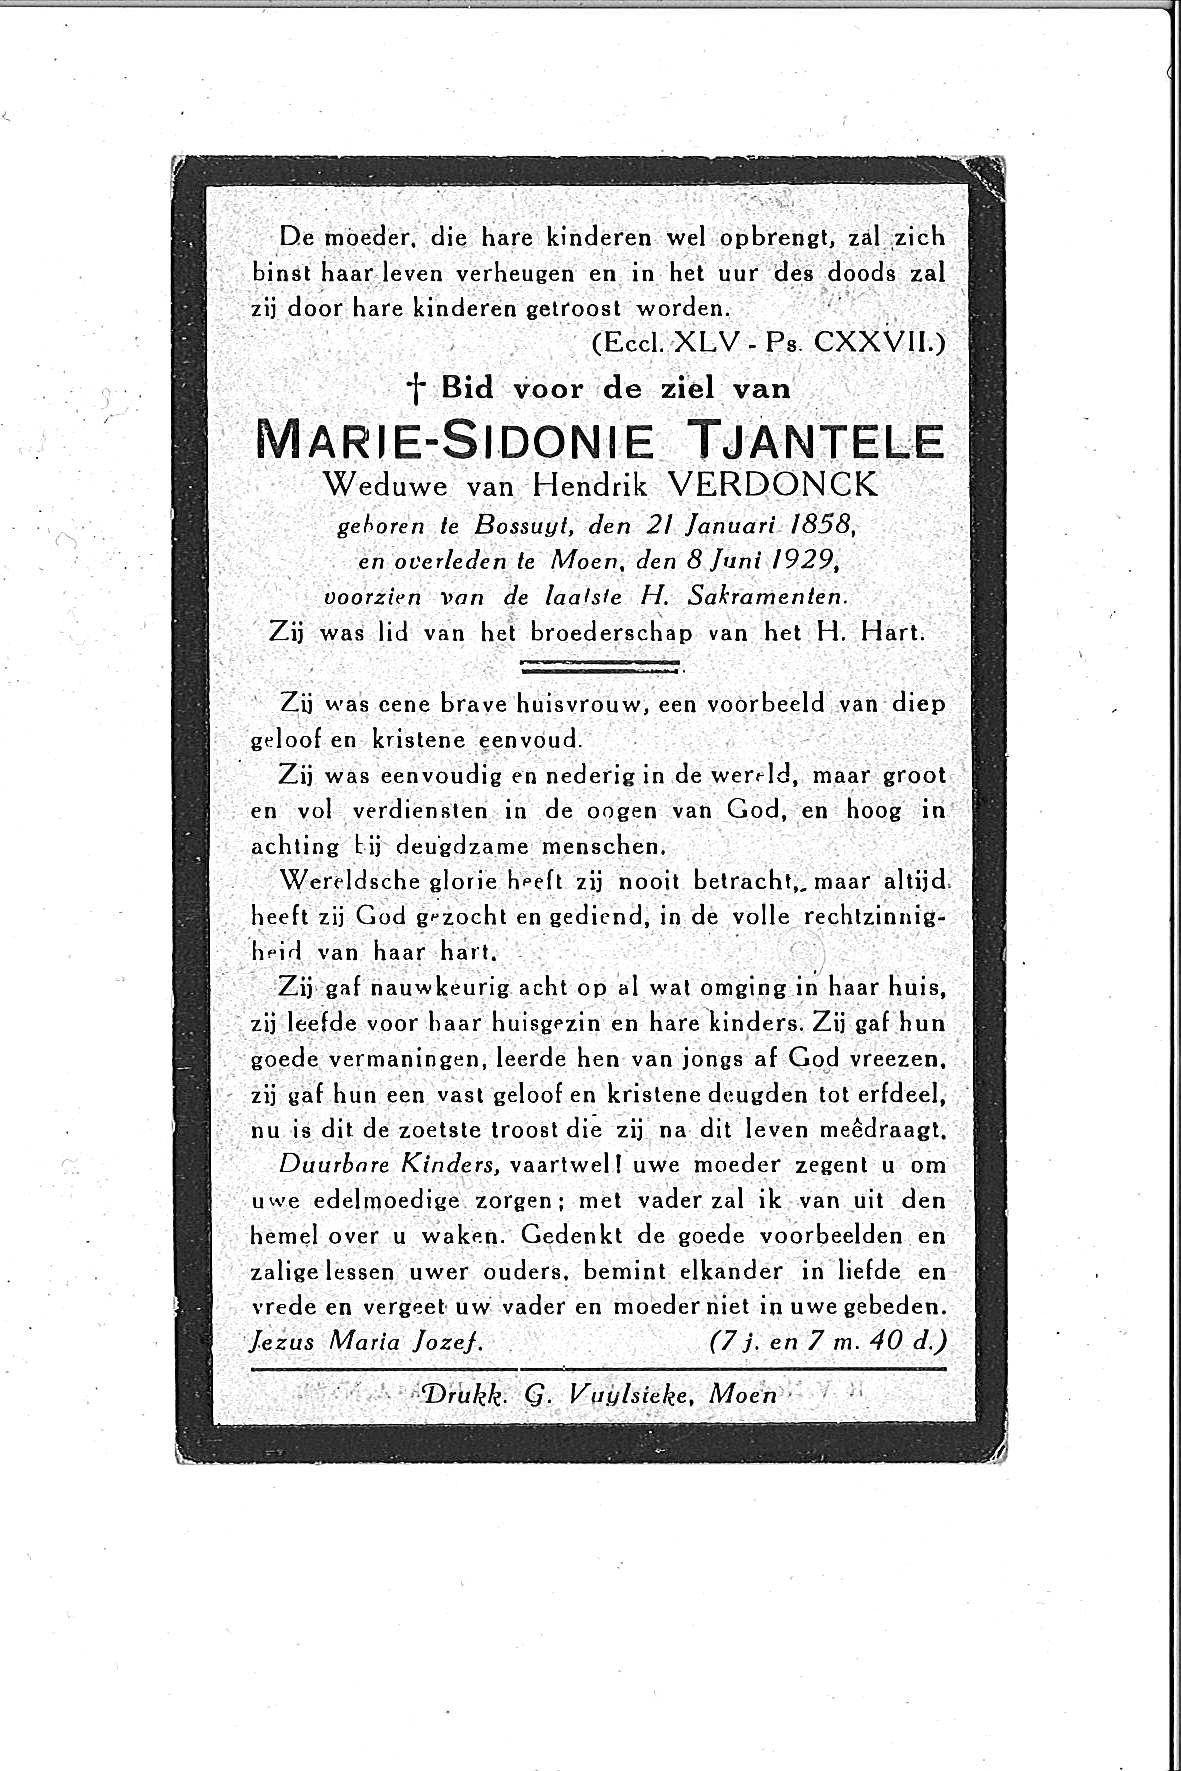 Marie-Sidonie(1929)20140912103237_00035.jpg